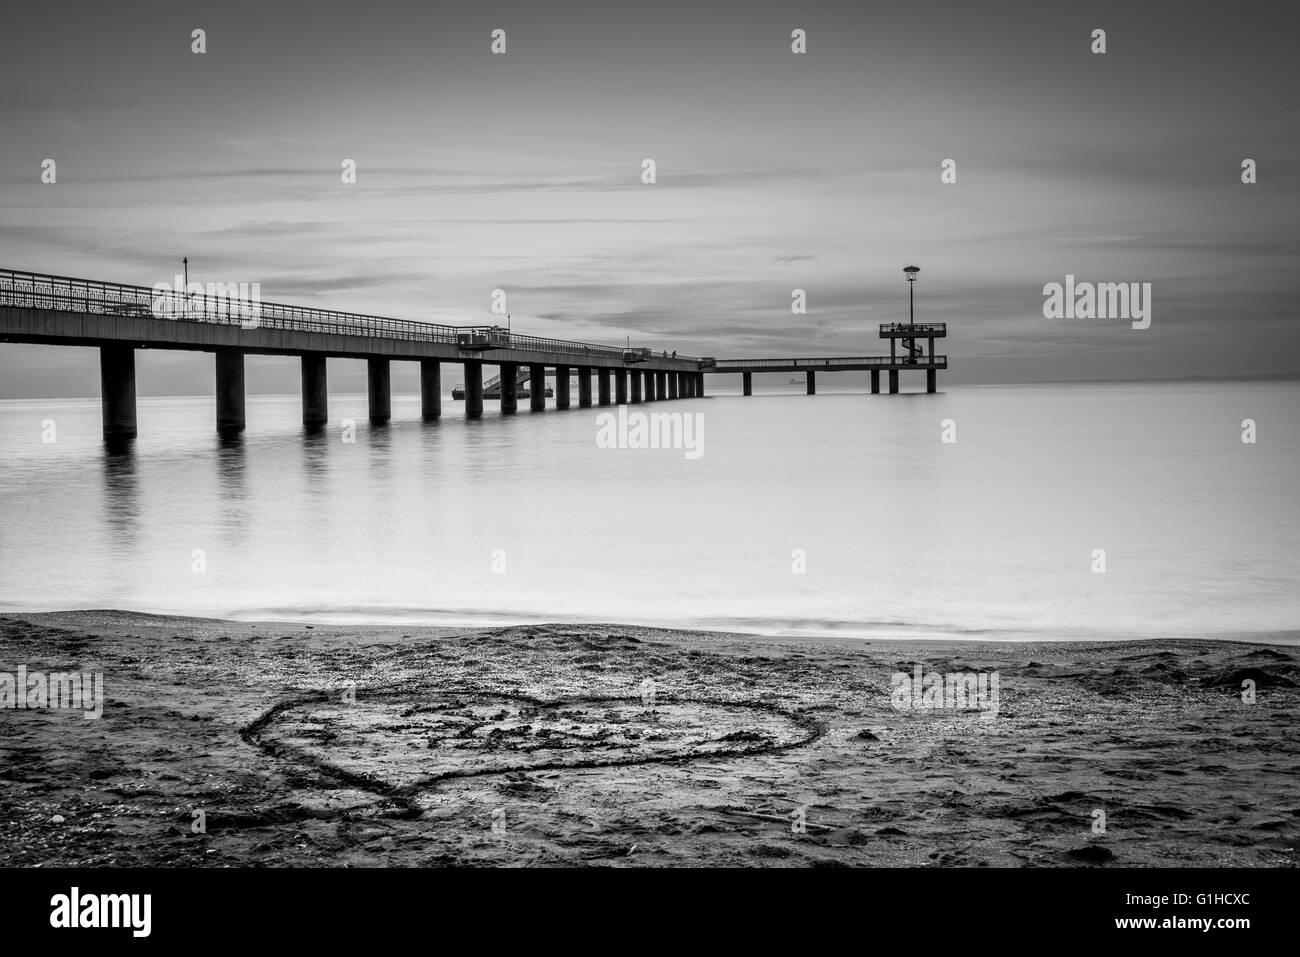 Sunrise over a sea bridge. Heart drawn in the sand. - Stock Image